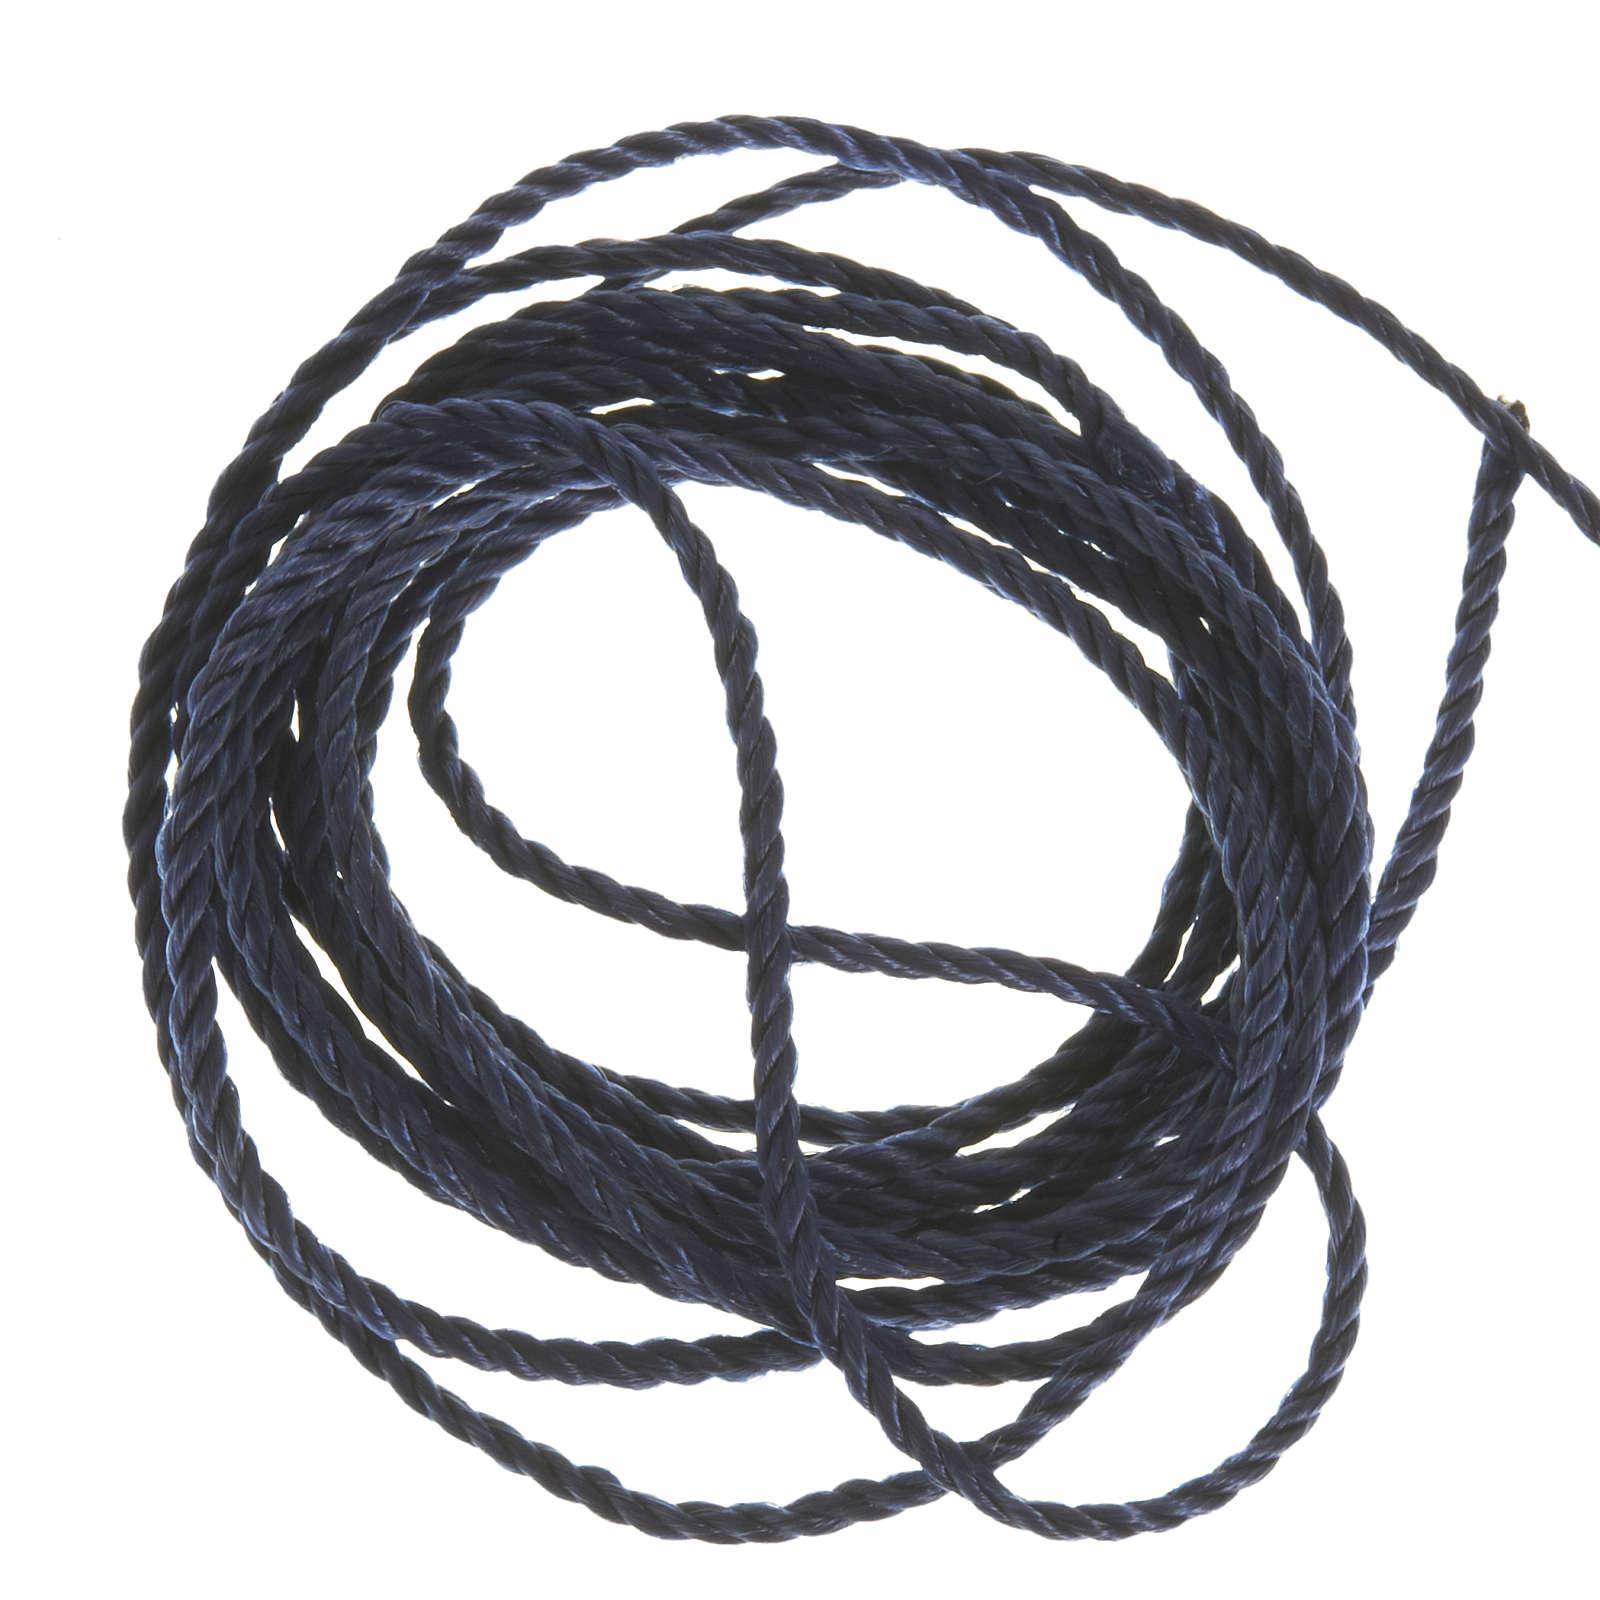 Corde bleue foncé pour chapelets 4